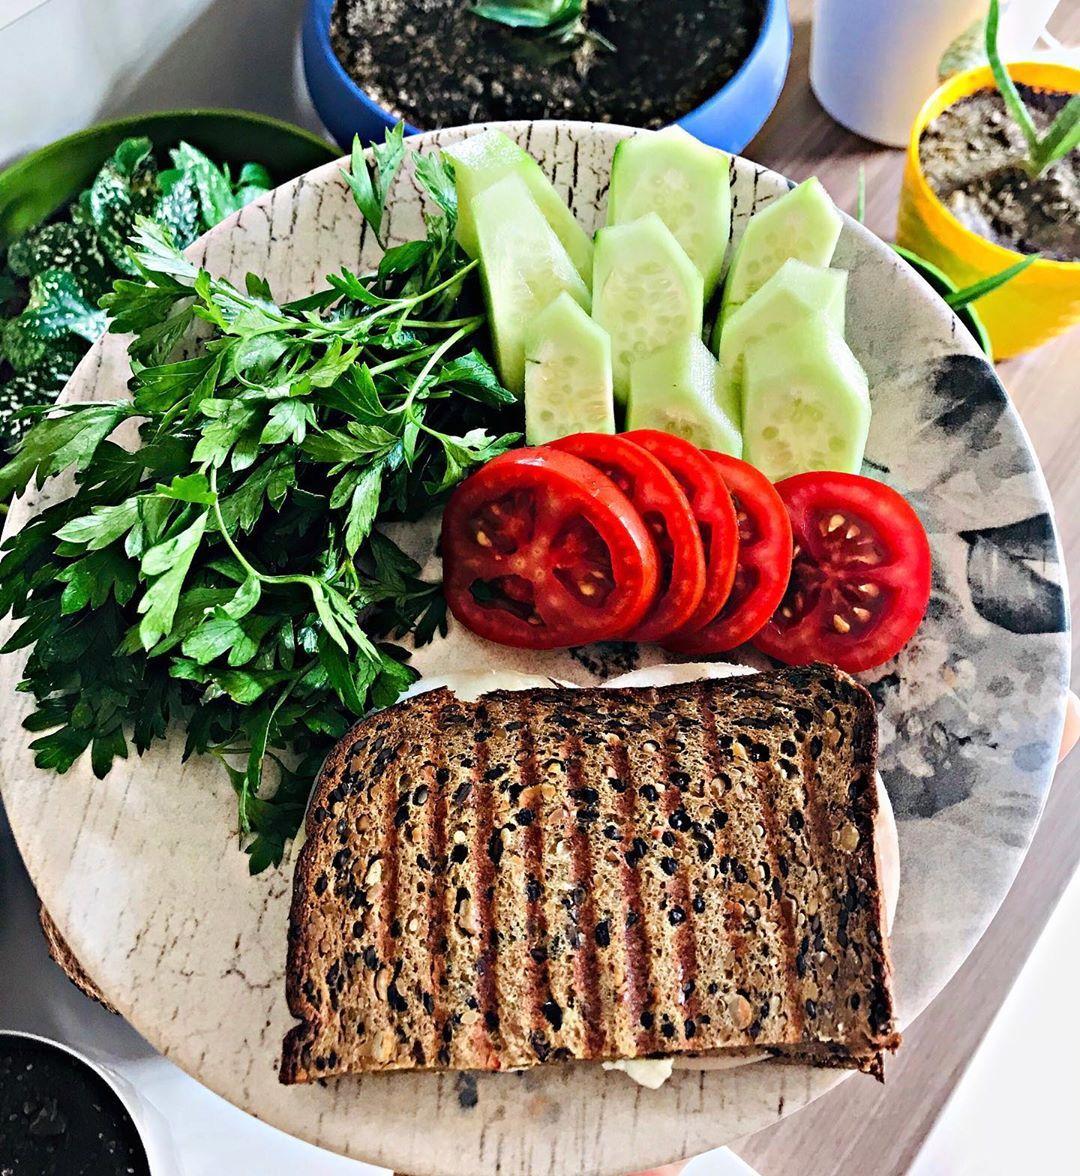 Günaydınn🙋🏻♀️ bu sabah yumurta yok🤭onun yerine protein ekmekle hindi fümeli tost var😋 . .  #sağlıkl...